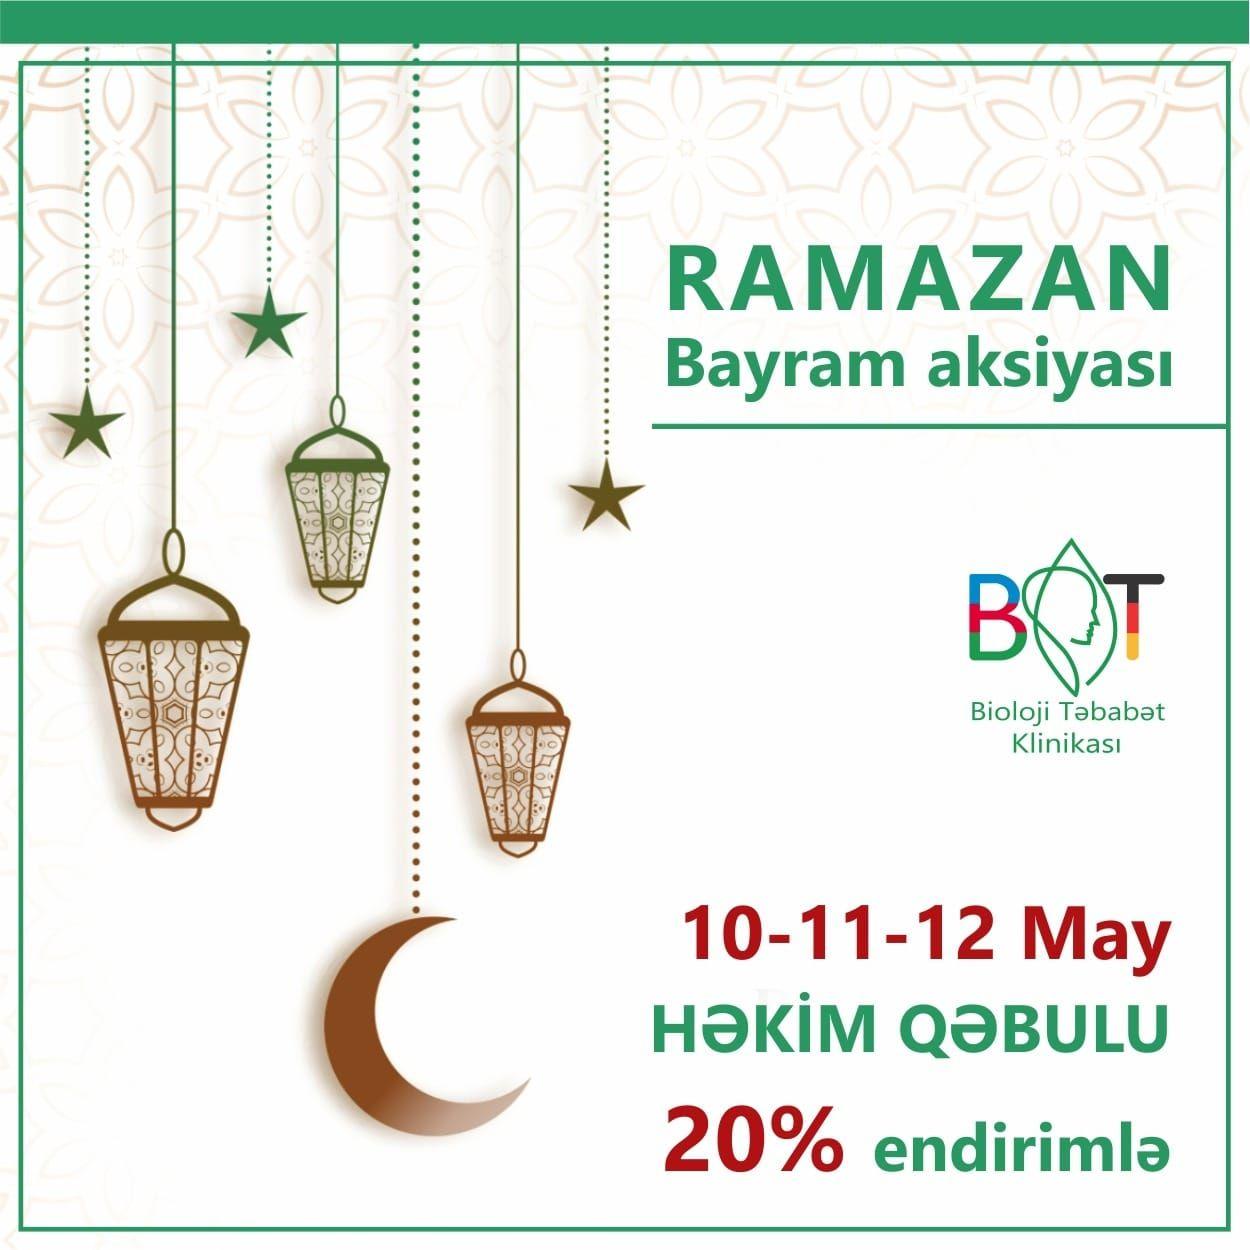 Ramazan bayramına özəl  Həkim qəbulu AKSİYASI